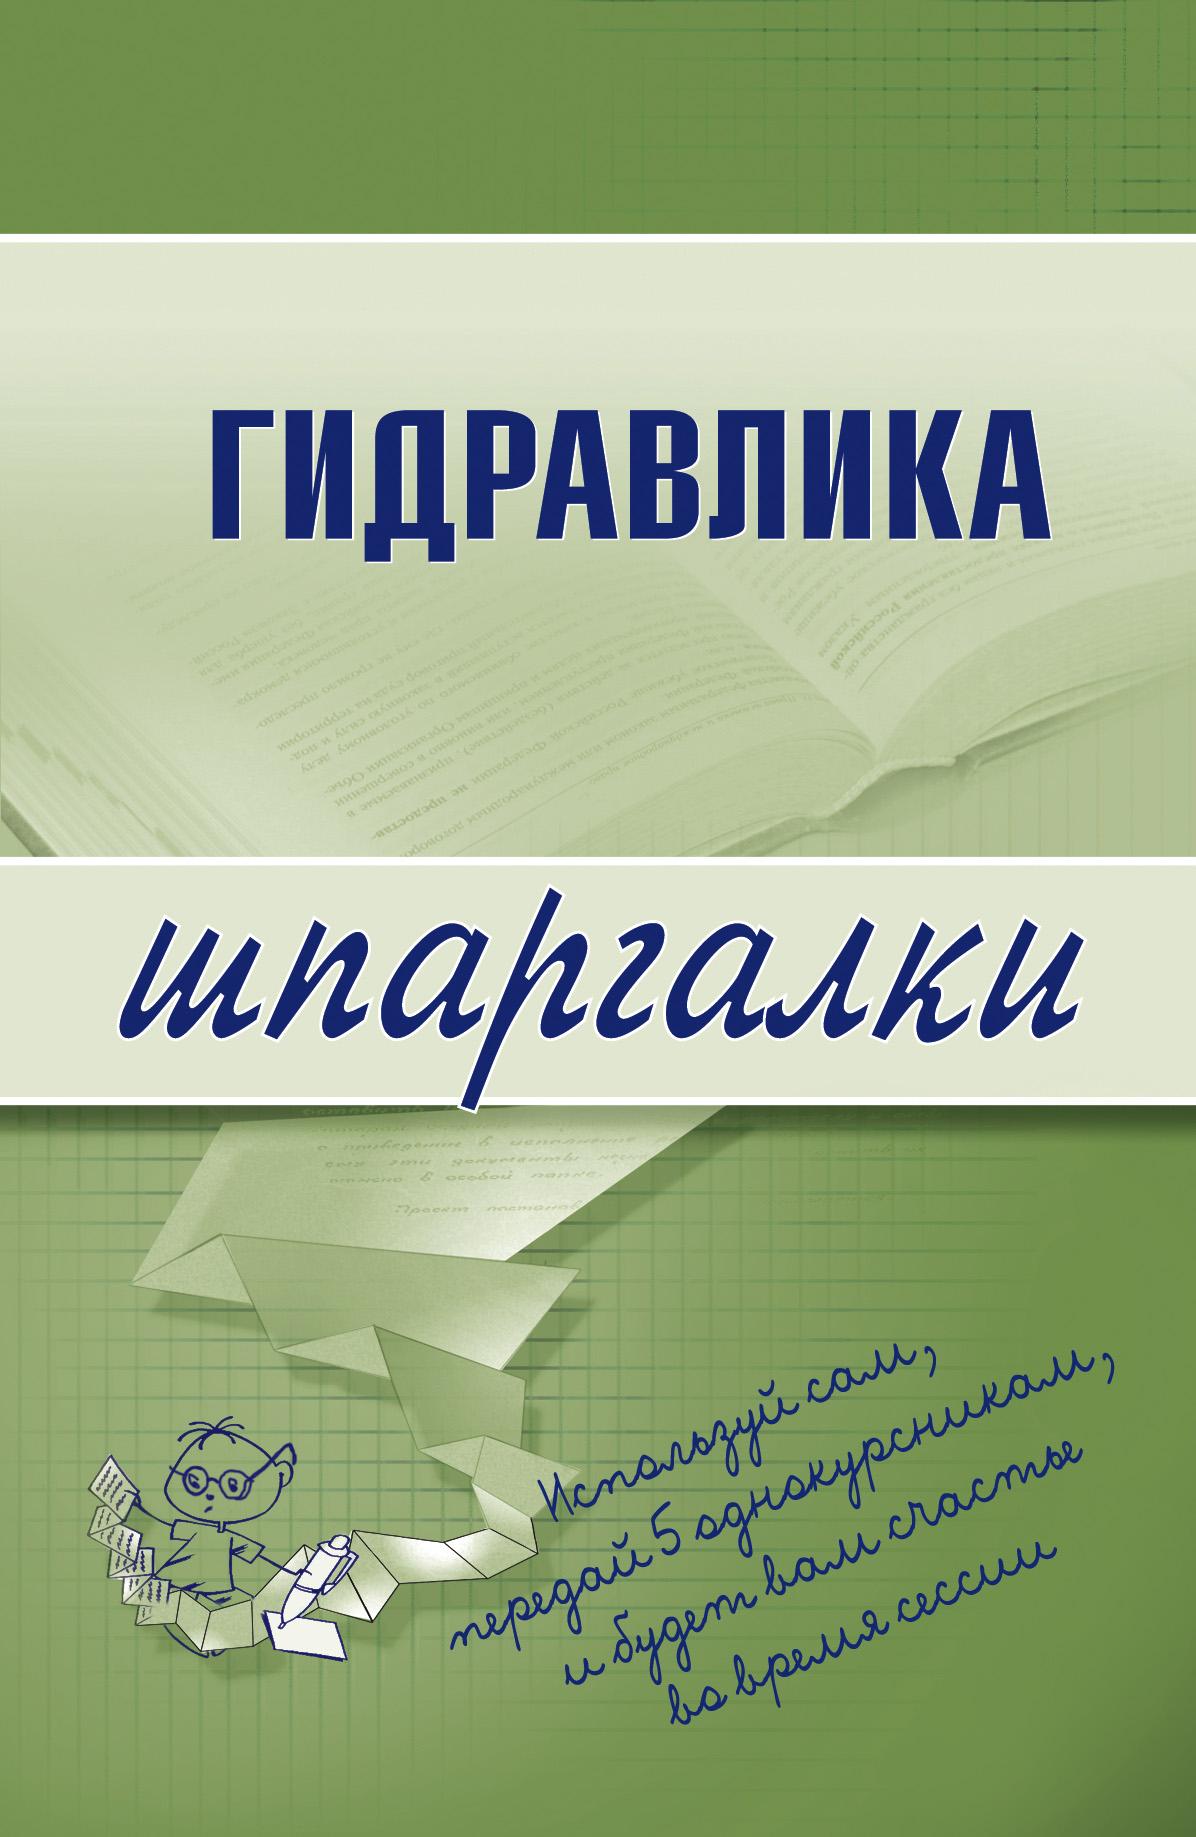 Отсутствует Гидравлика гидравлика учебник